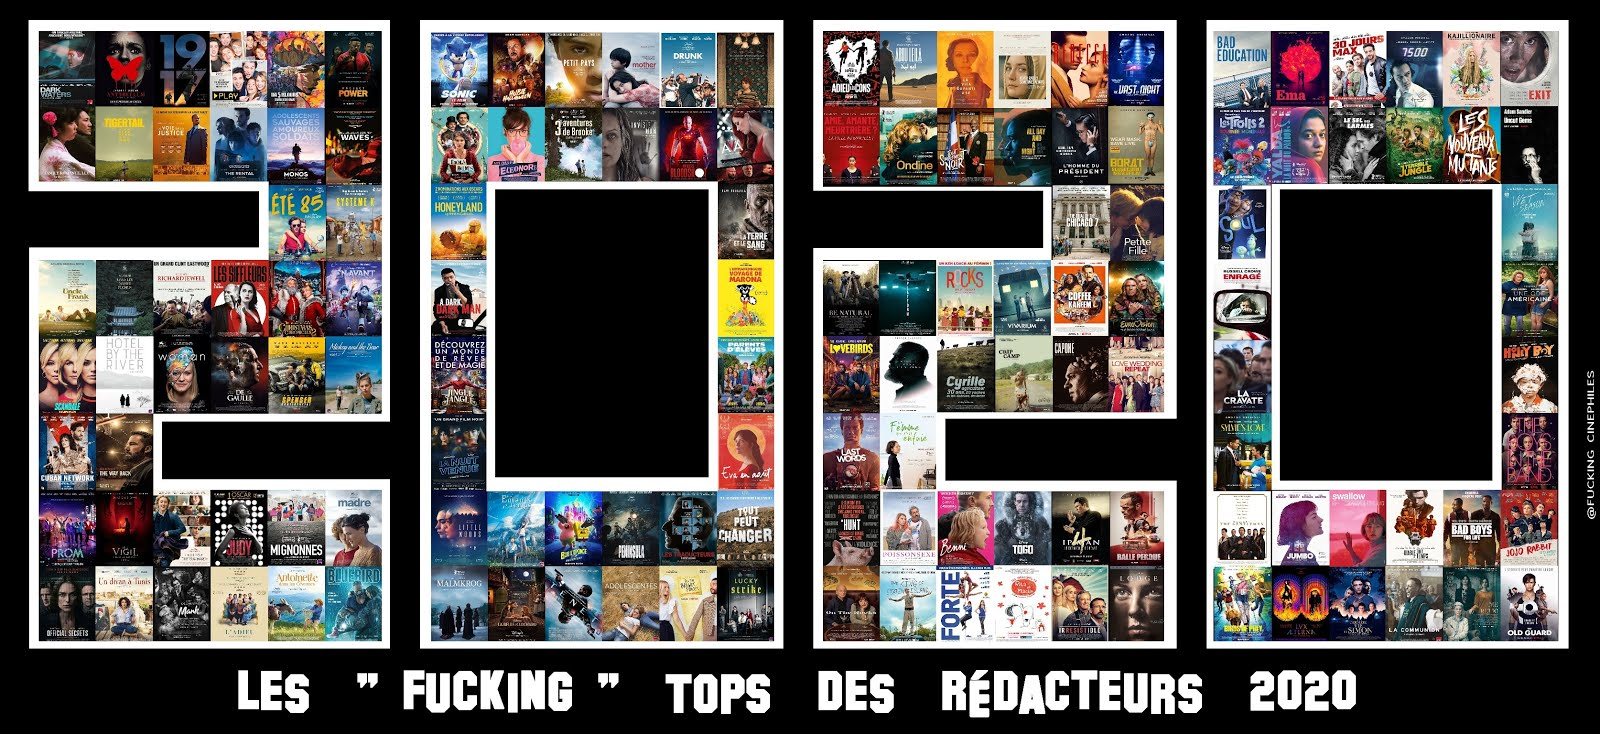 Bilan Ciné 2020 (Tops + avis commentés)